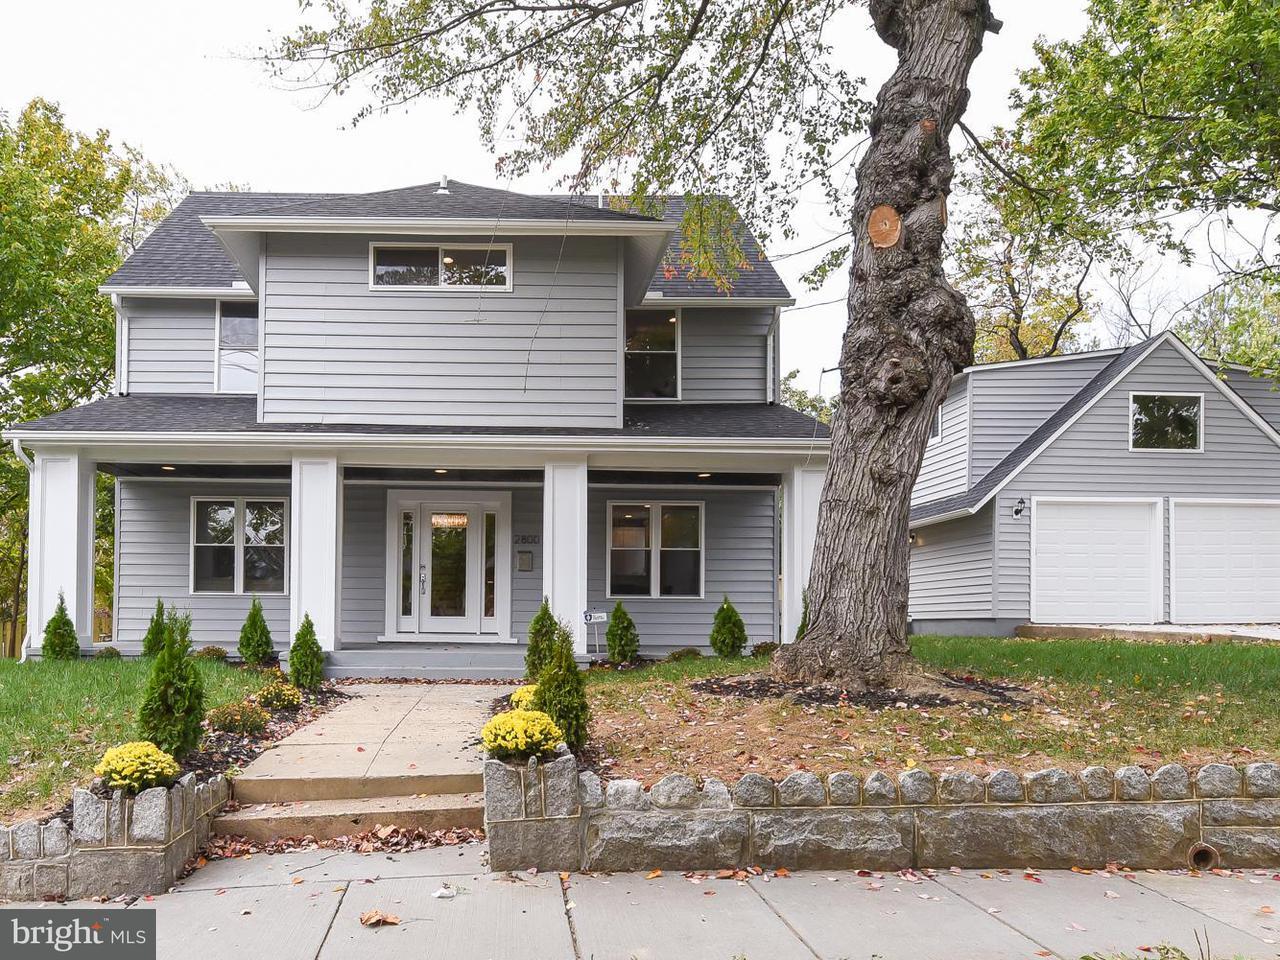 Maison unifamiliale pour l Vente à 2800 13TH ST NE 2800 13TH ST NE Washington, District De Columbia 20017 États-Unis